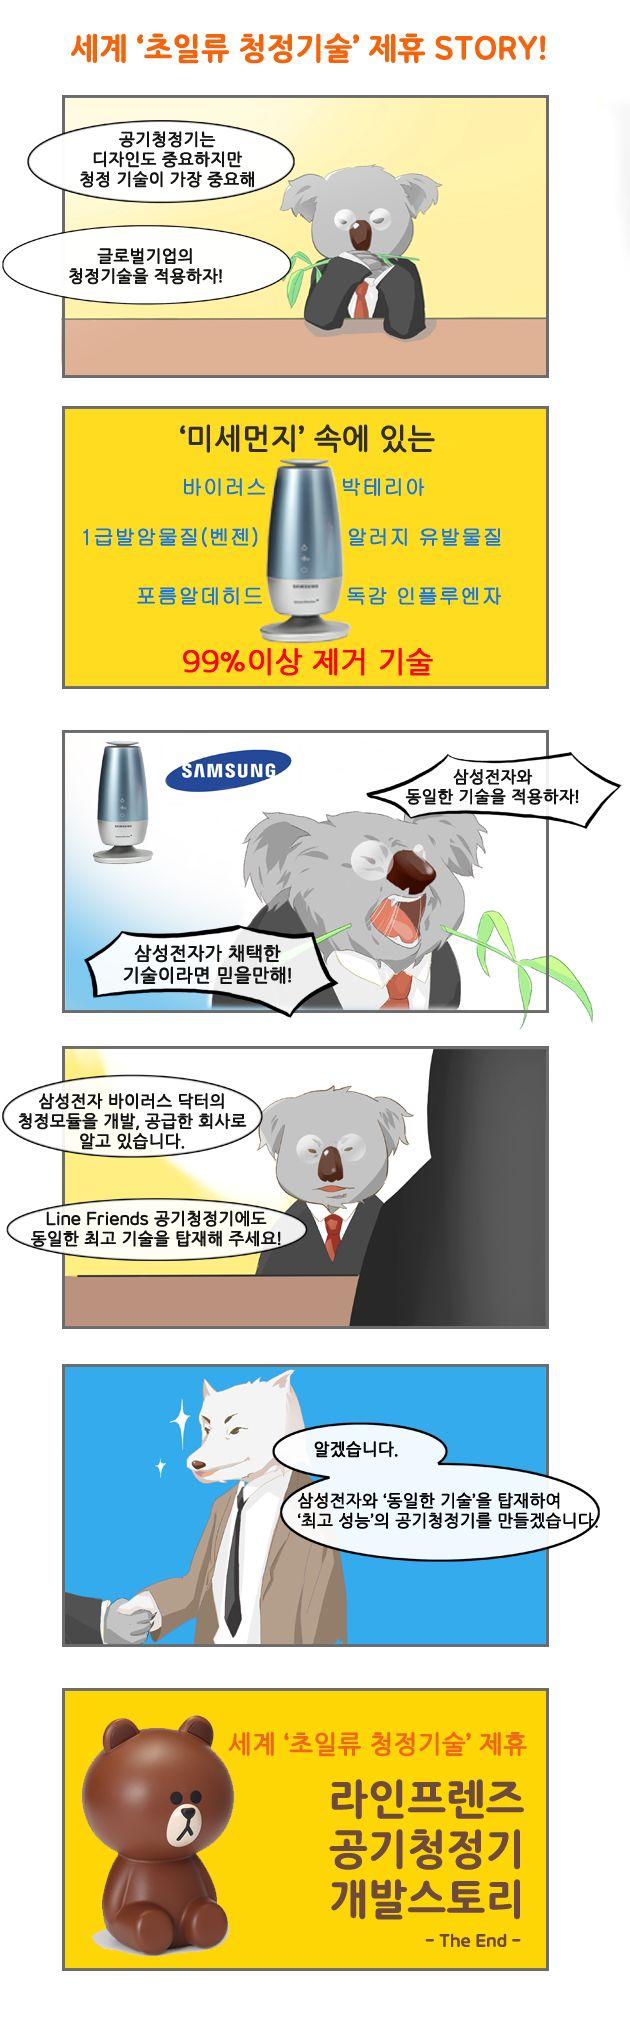 라인프렌즈_공기청정기_개발스토리_웹툰_와디즈_이벤트